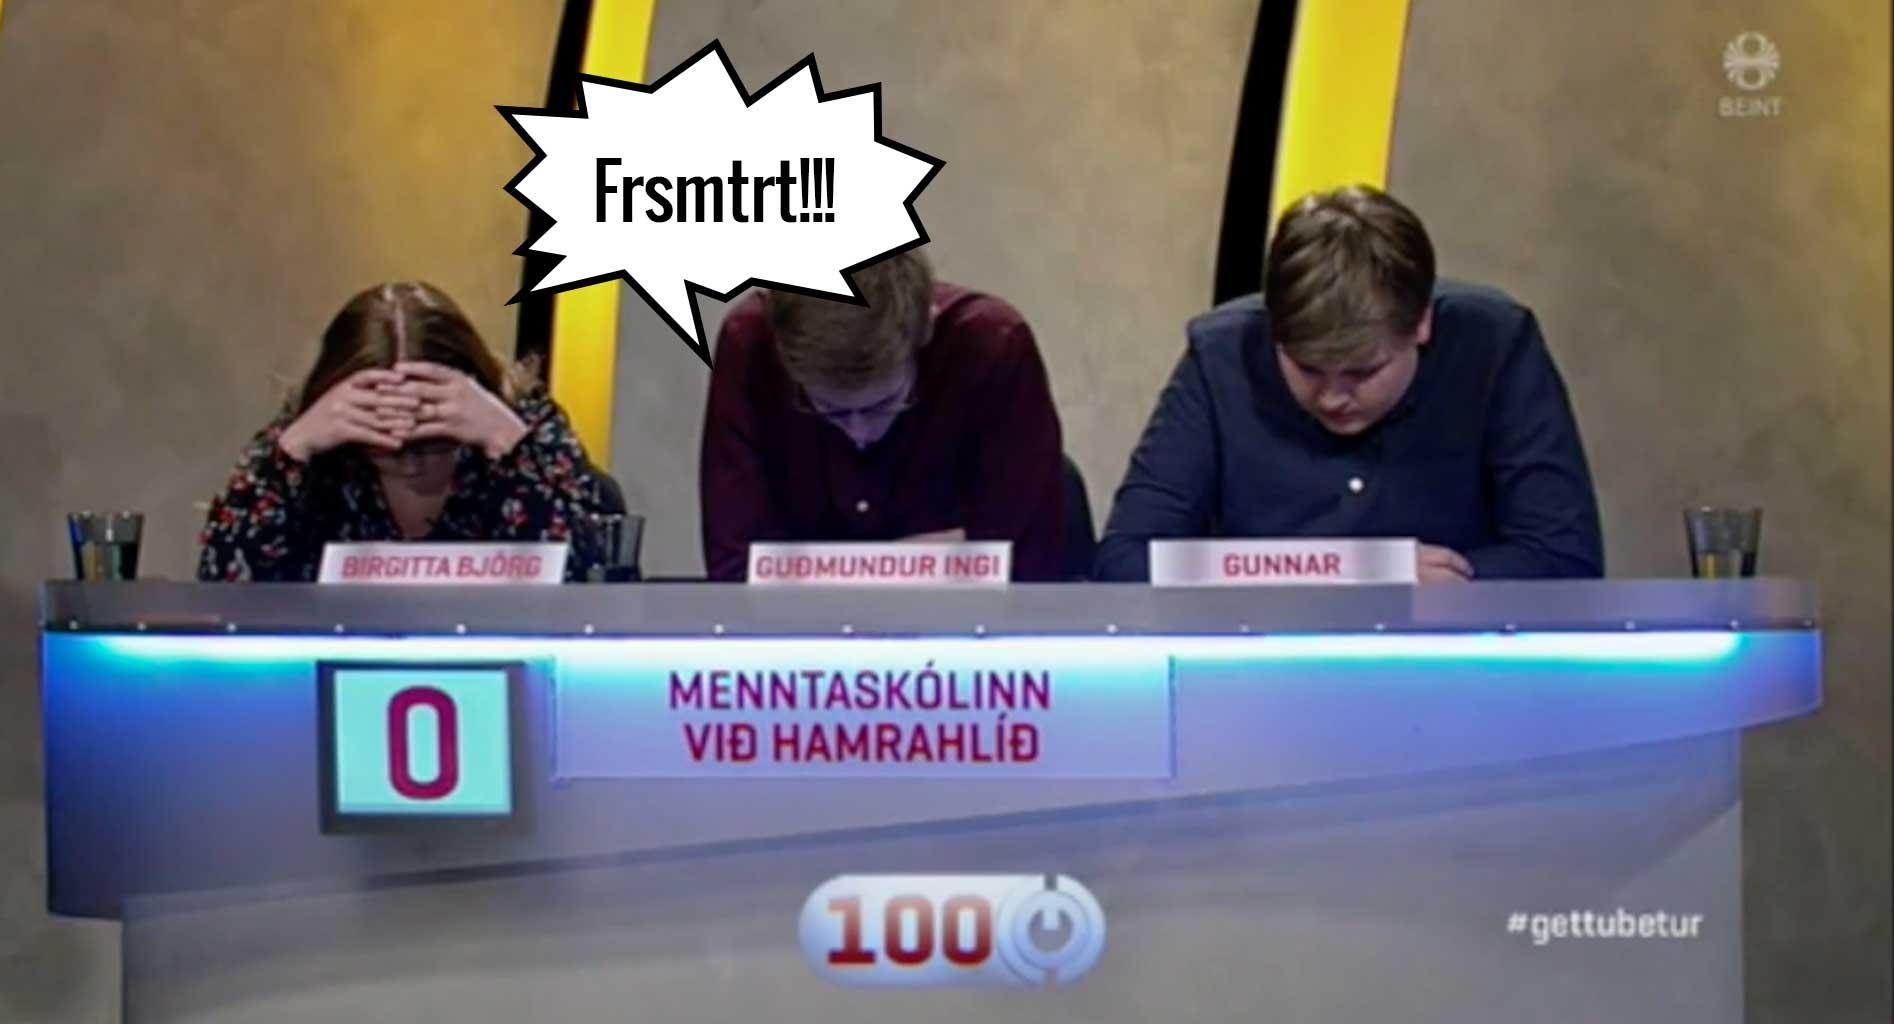 Hægt á hraðaspurningunum í Gettu betur: Skilur þú svörin frá mögnuðum MH-ingum?